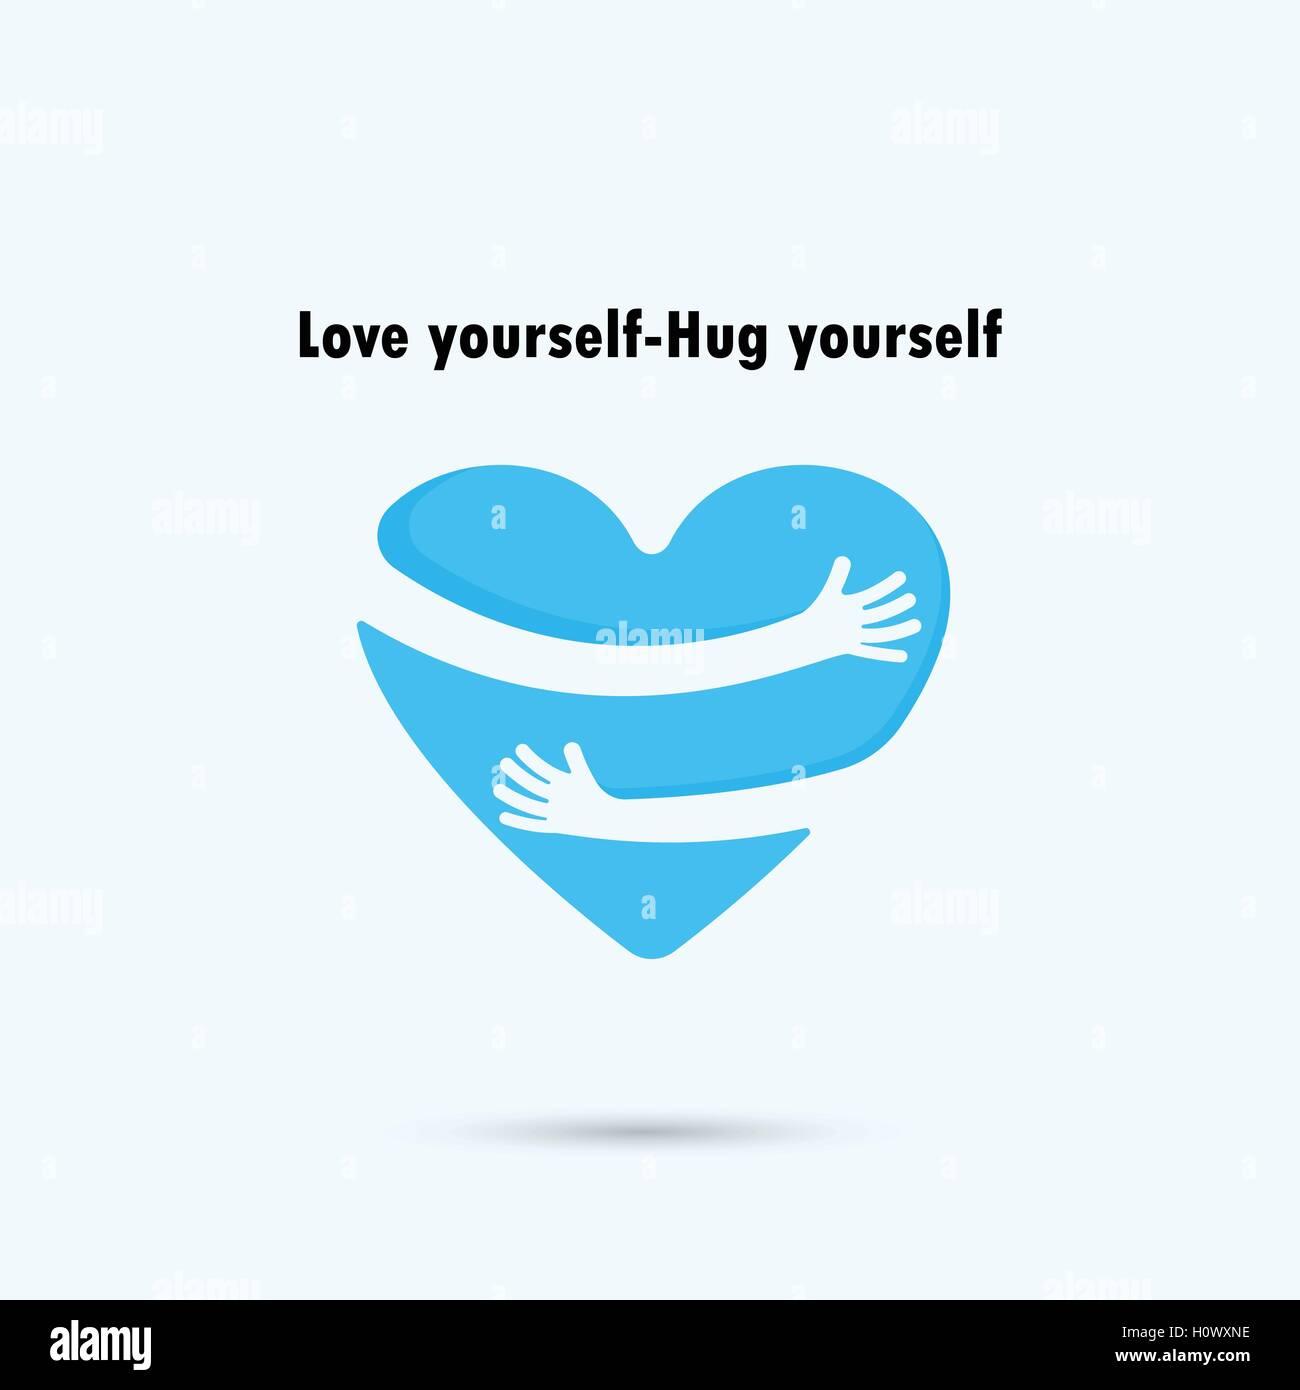 Hug yourself logolove yourself logolove and heart care logo hug yourself logolove yourself logolove and heart care logoheart shape and healthcare medical conceptctor illustration buycottarizona